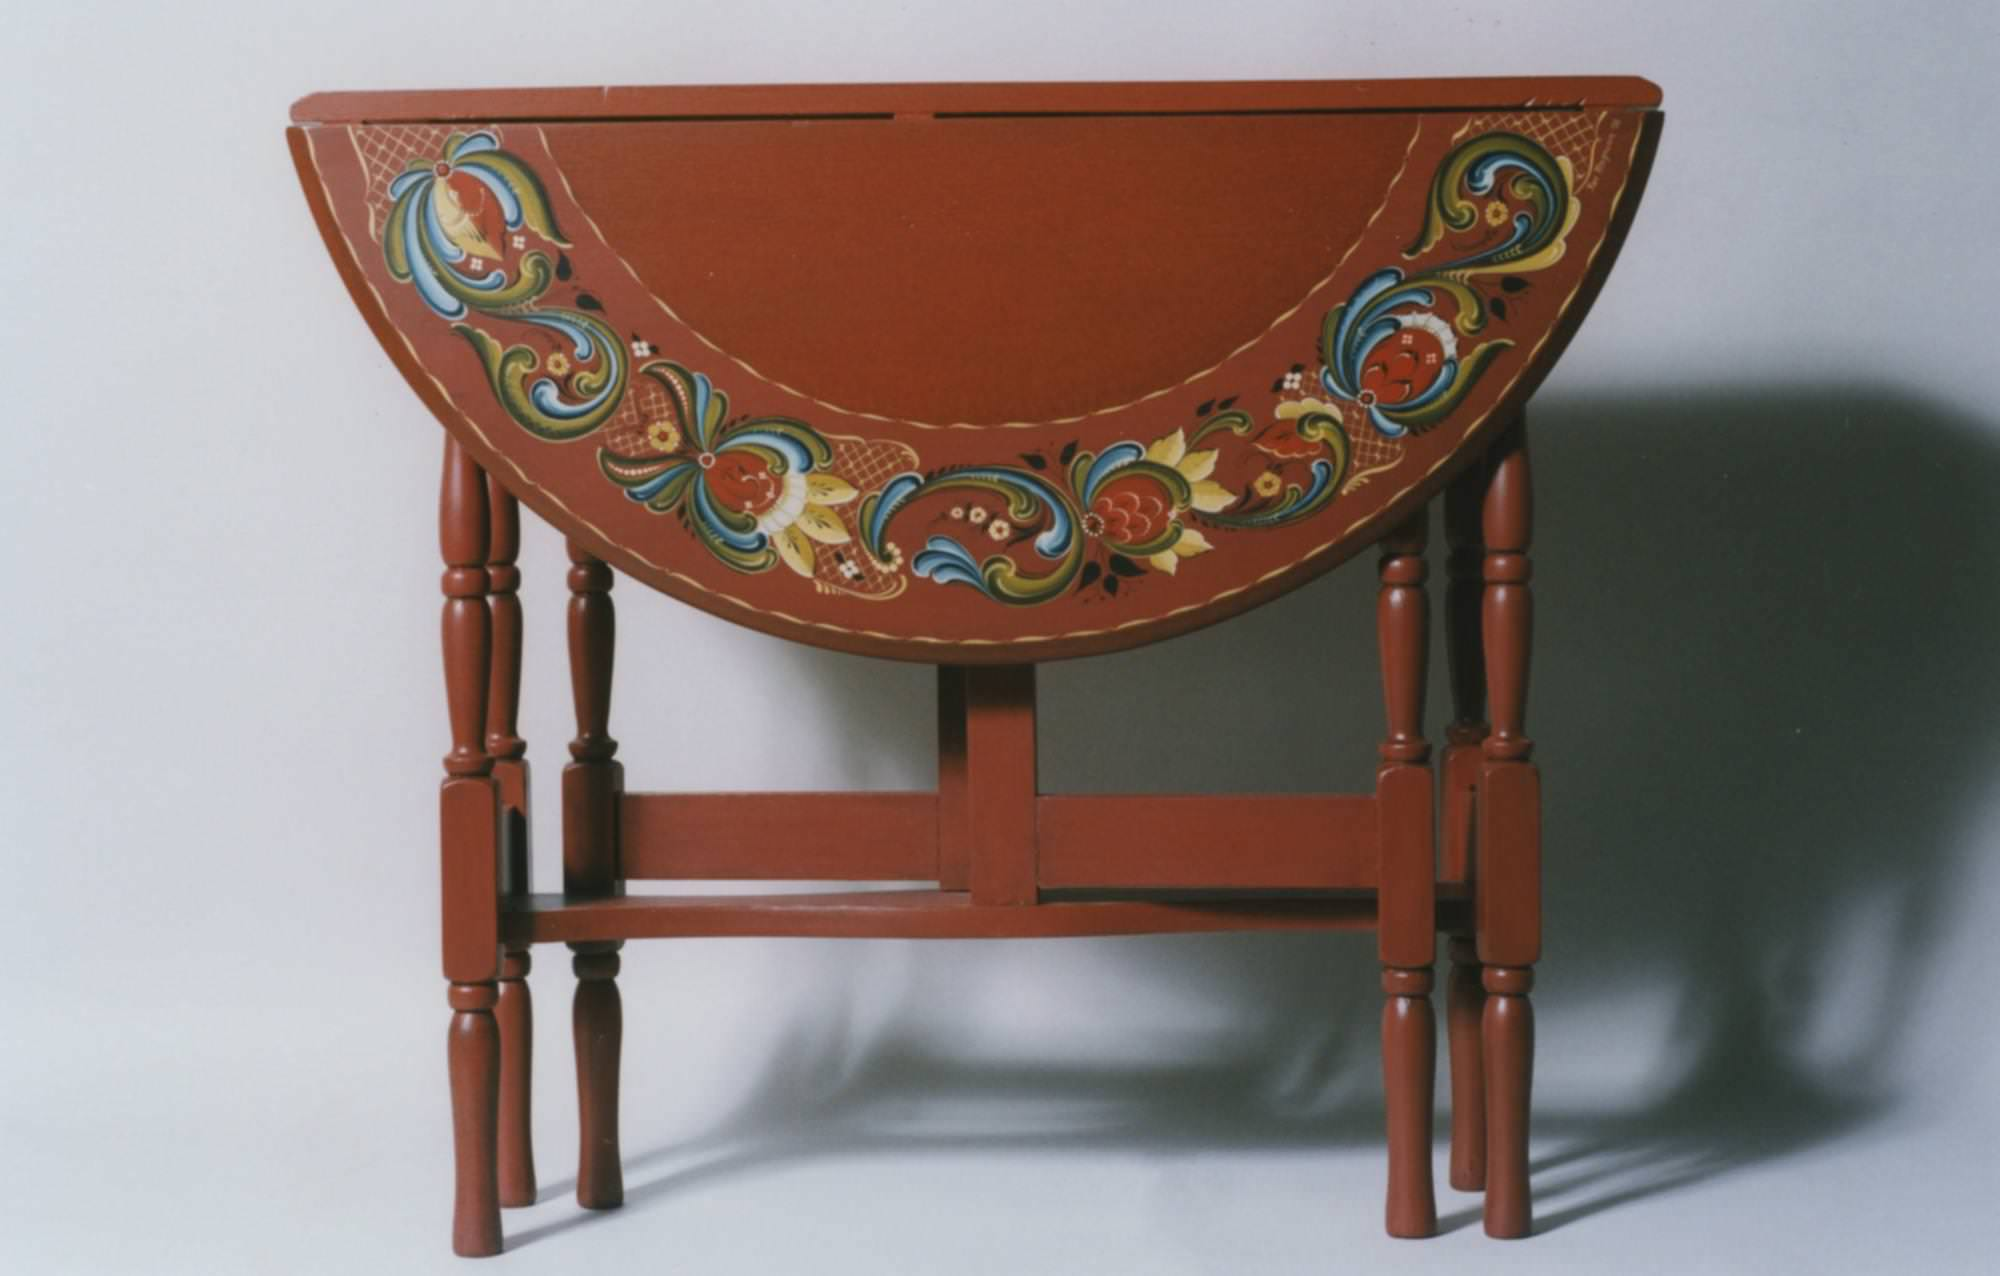 Hallingdal-style table © 2003 Ken Magnuson Hallingdal-style table © 2003 Ken Magnuson